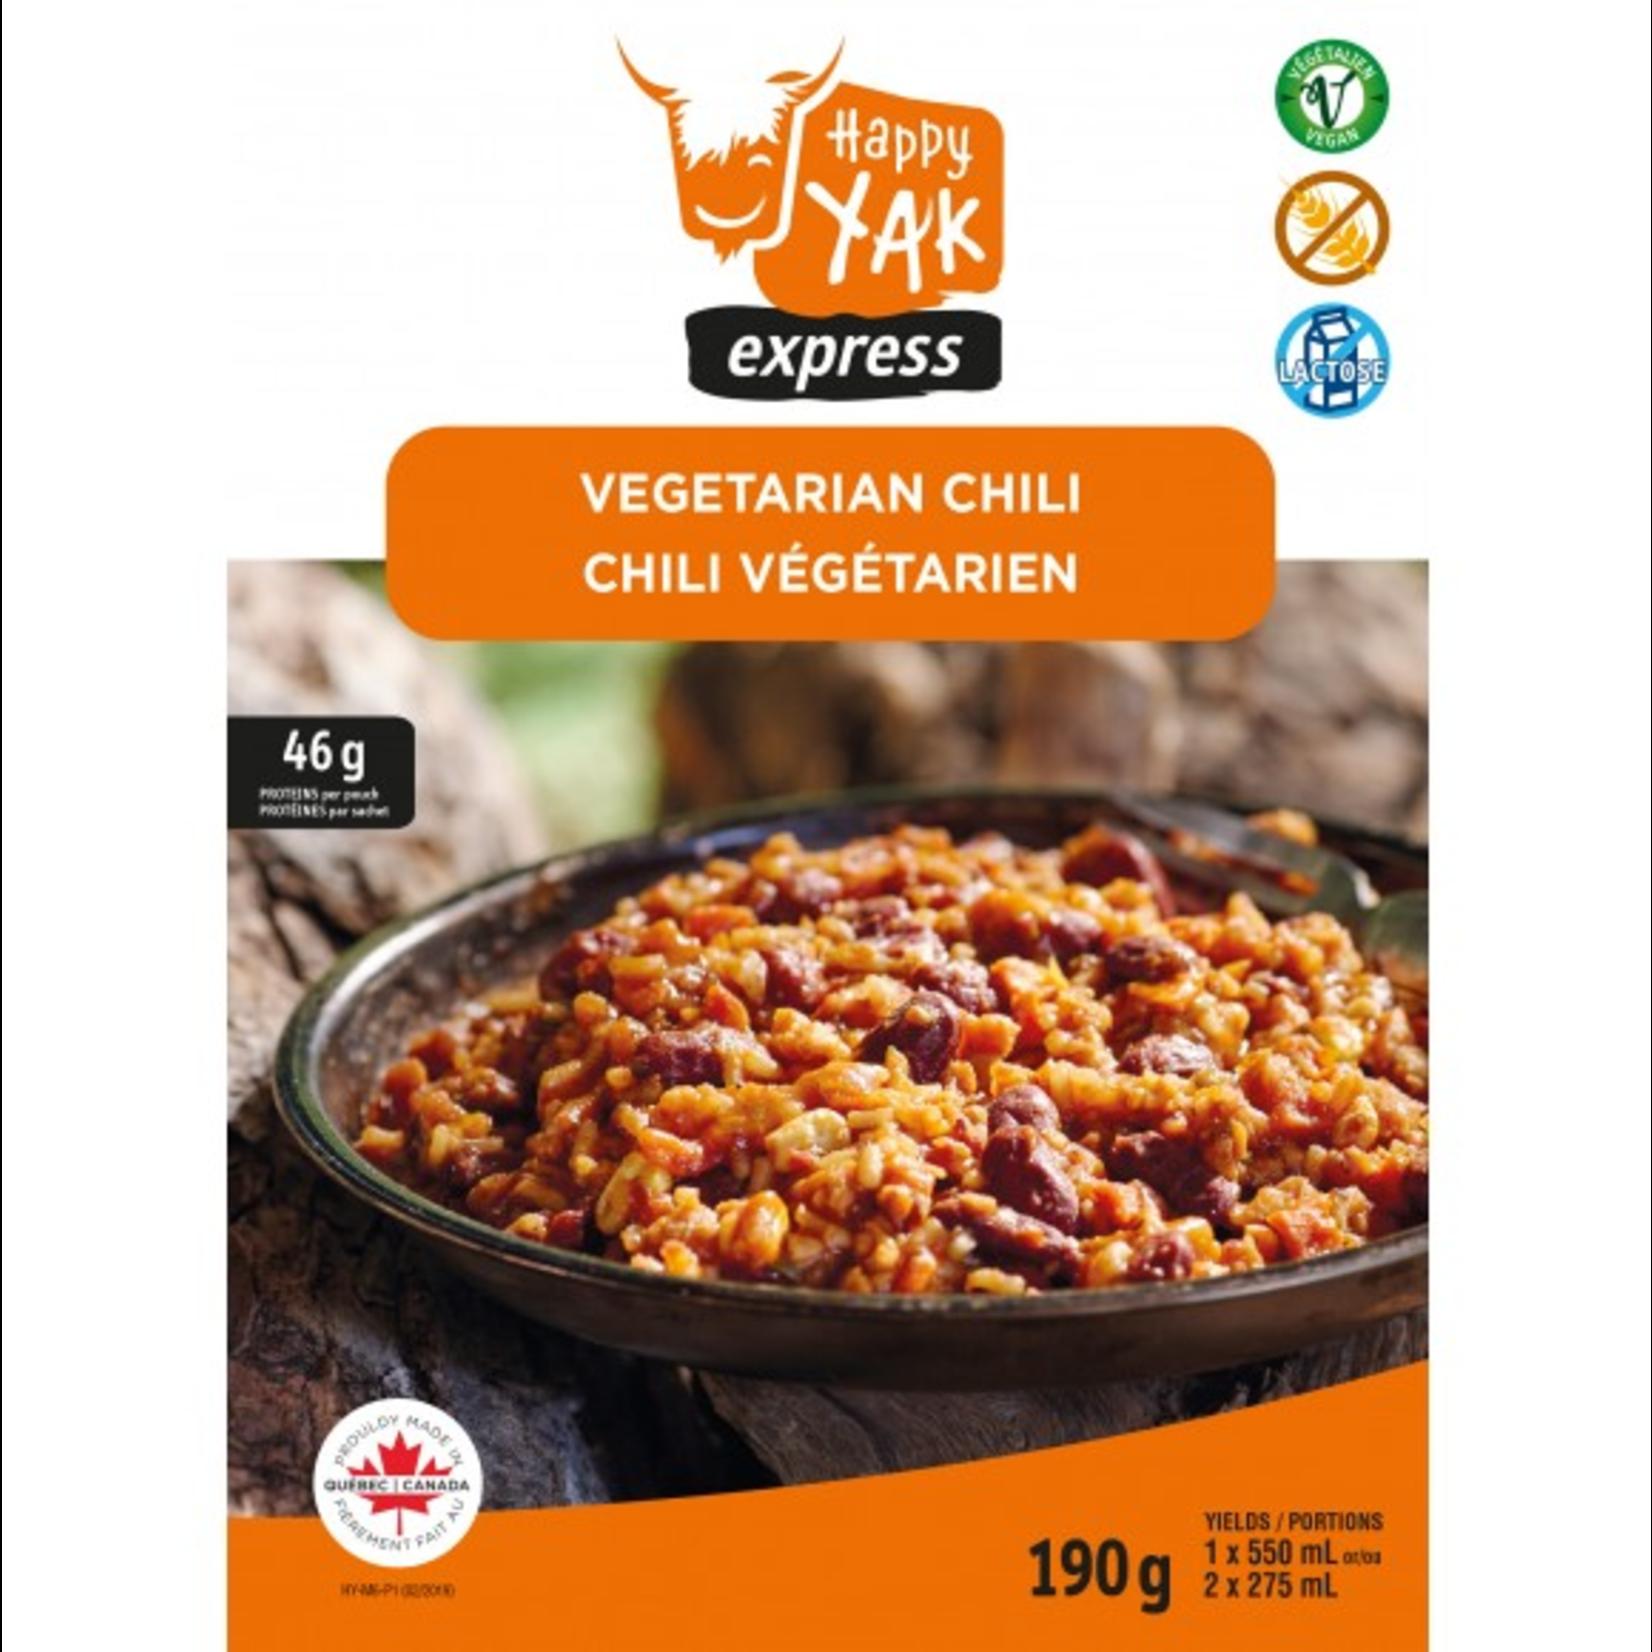 Happy Yak Vegetarian Chilli